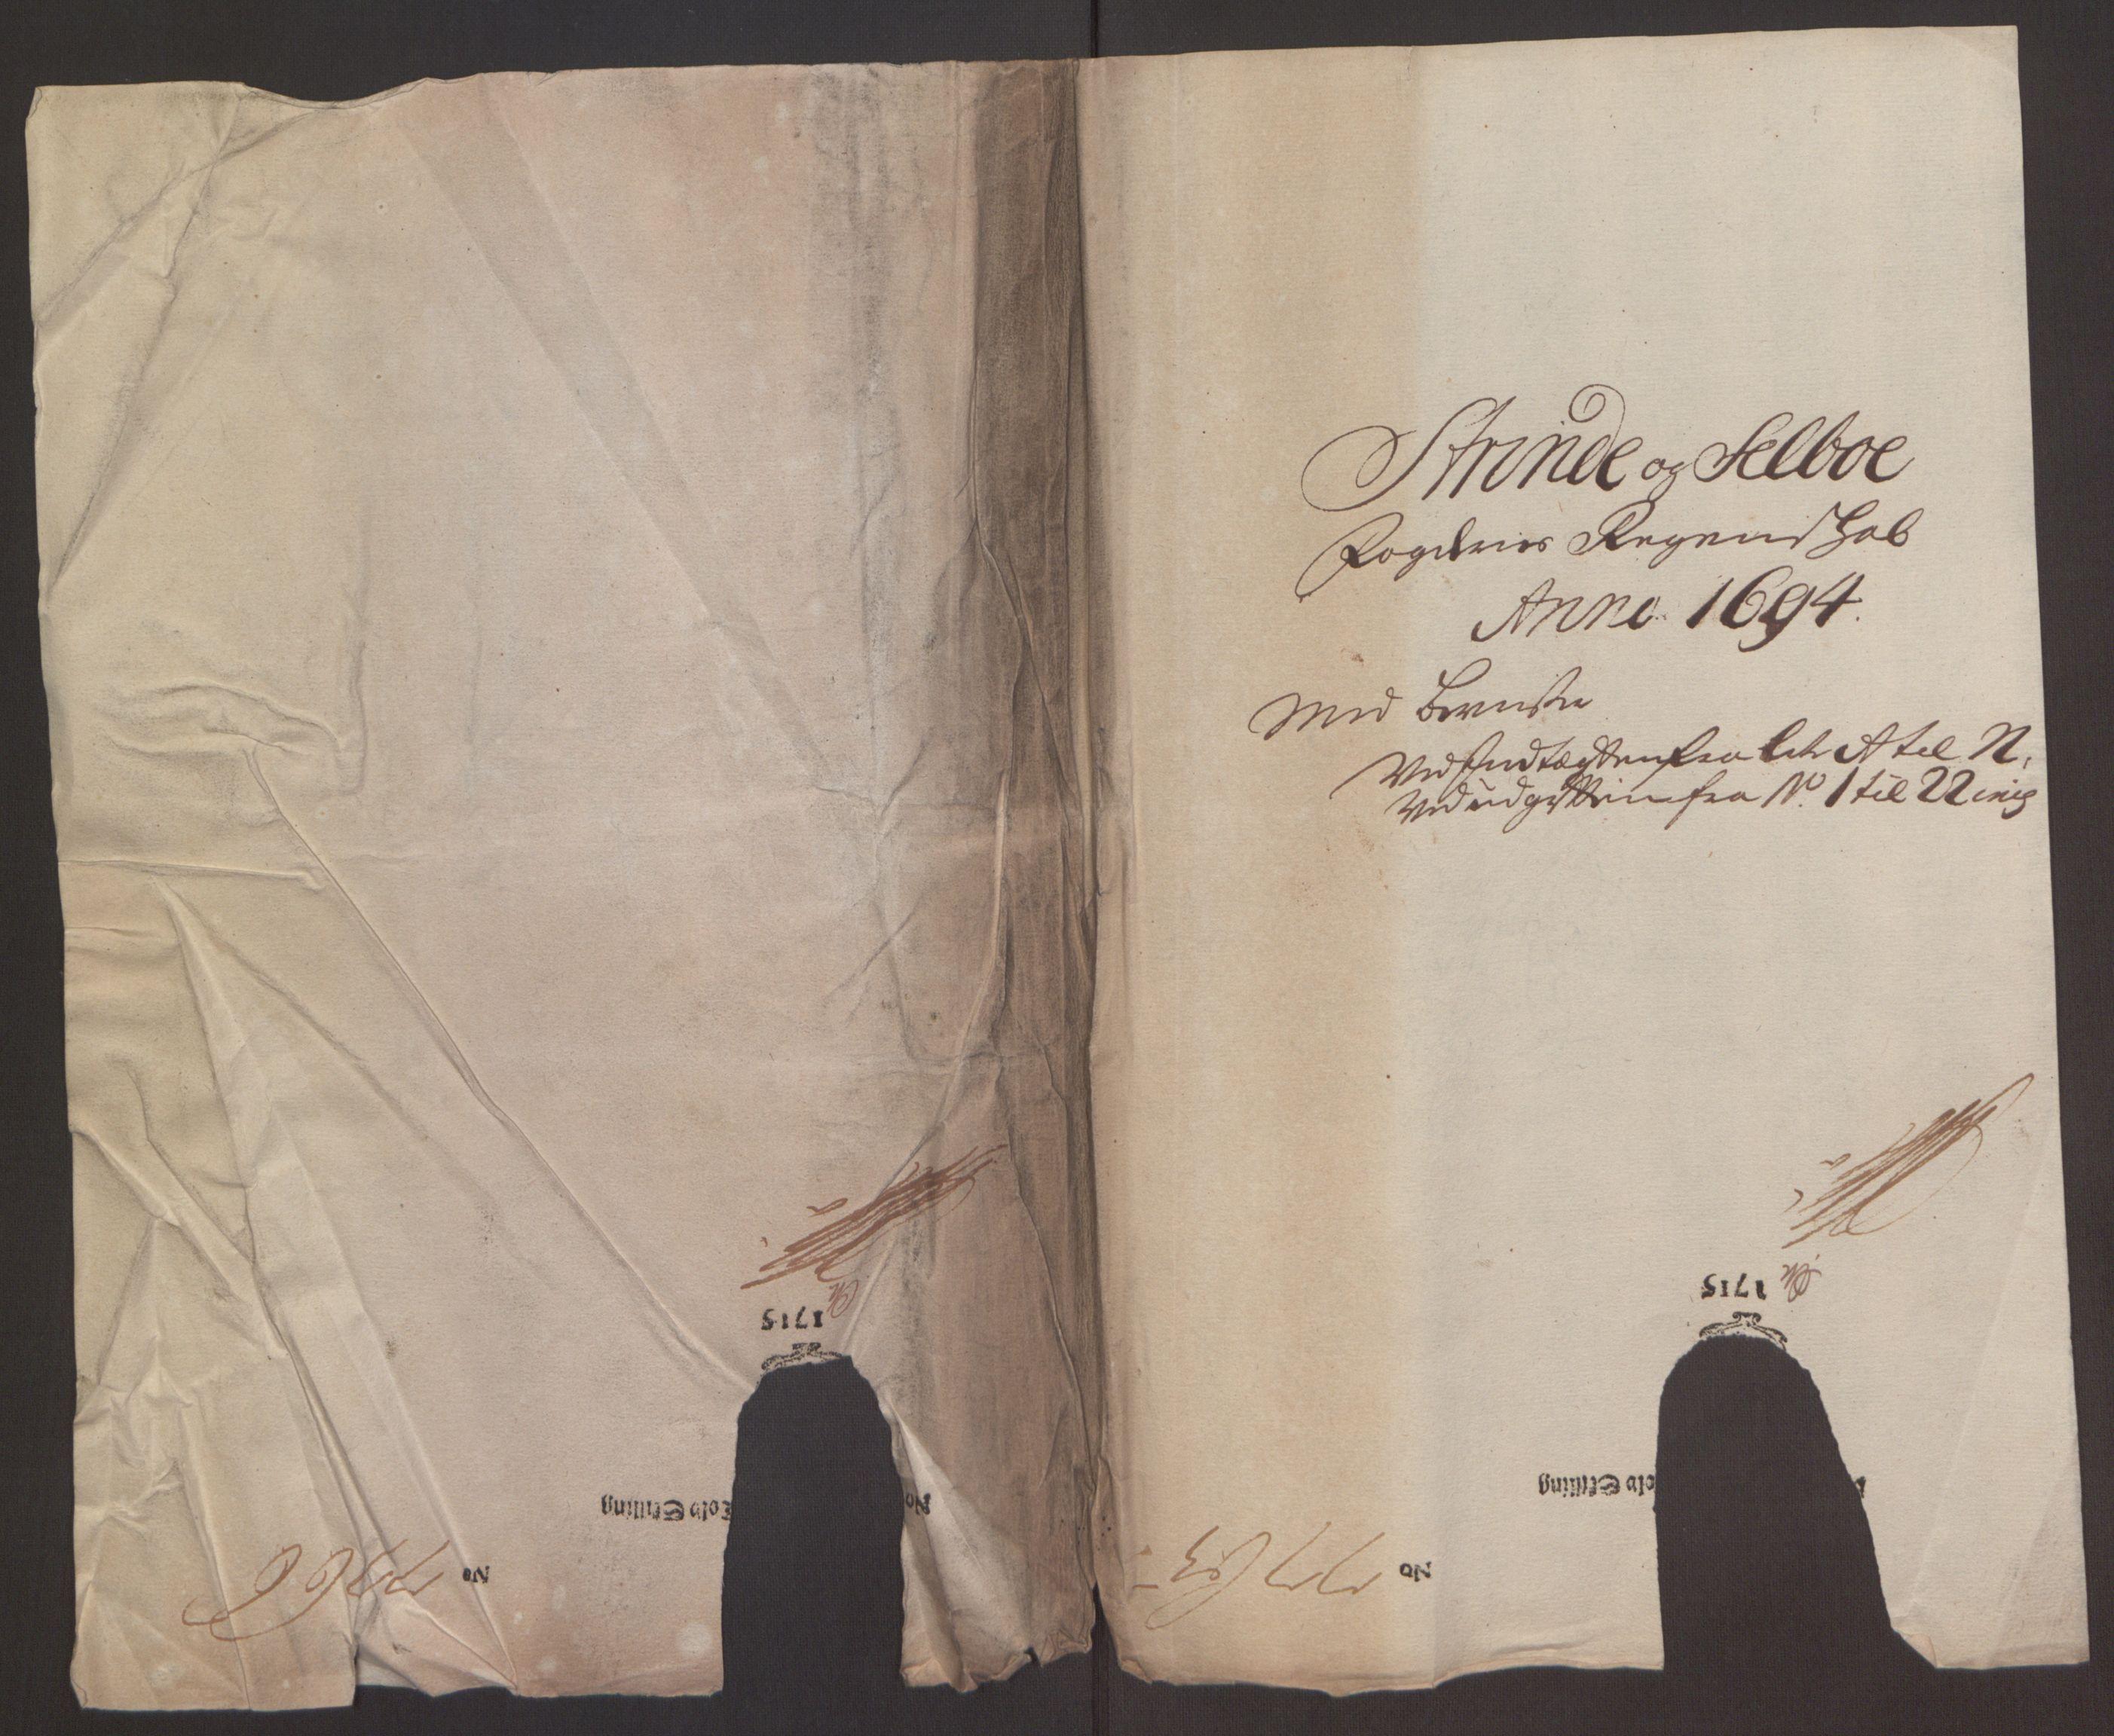 RA, Rentekammeret inntil 1814, Reviderte regnskaper, Fogderegnskap, R61/L4104: Fogderegnskap Strinda og Selbu, 1693-1694, s. 283